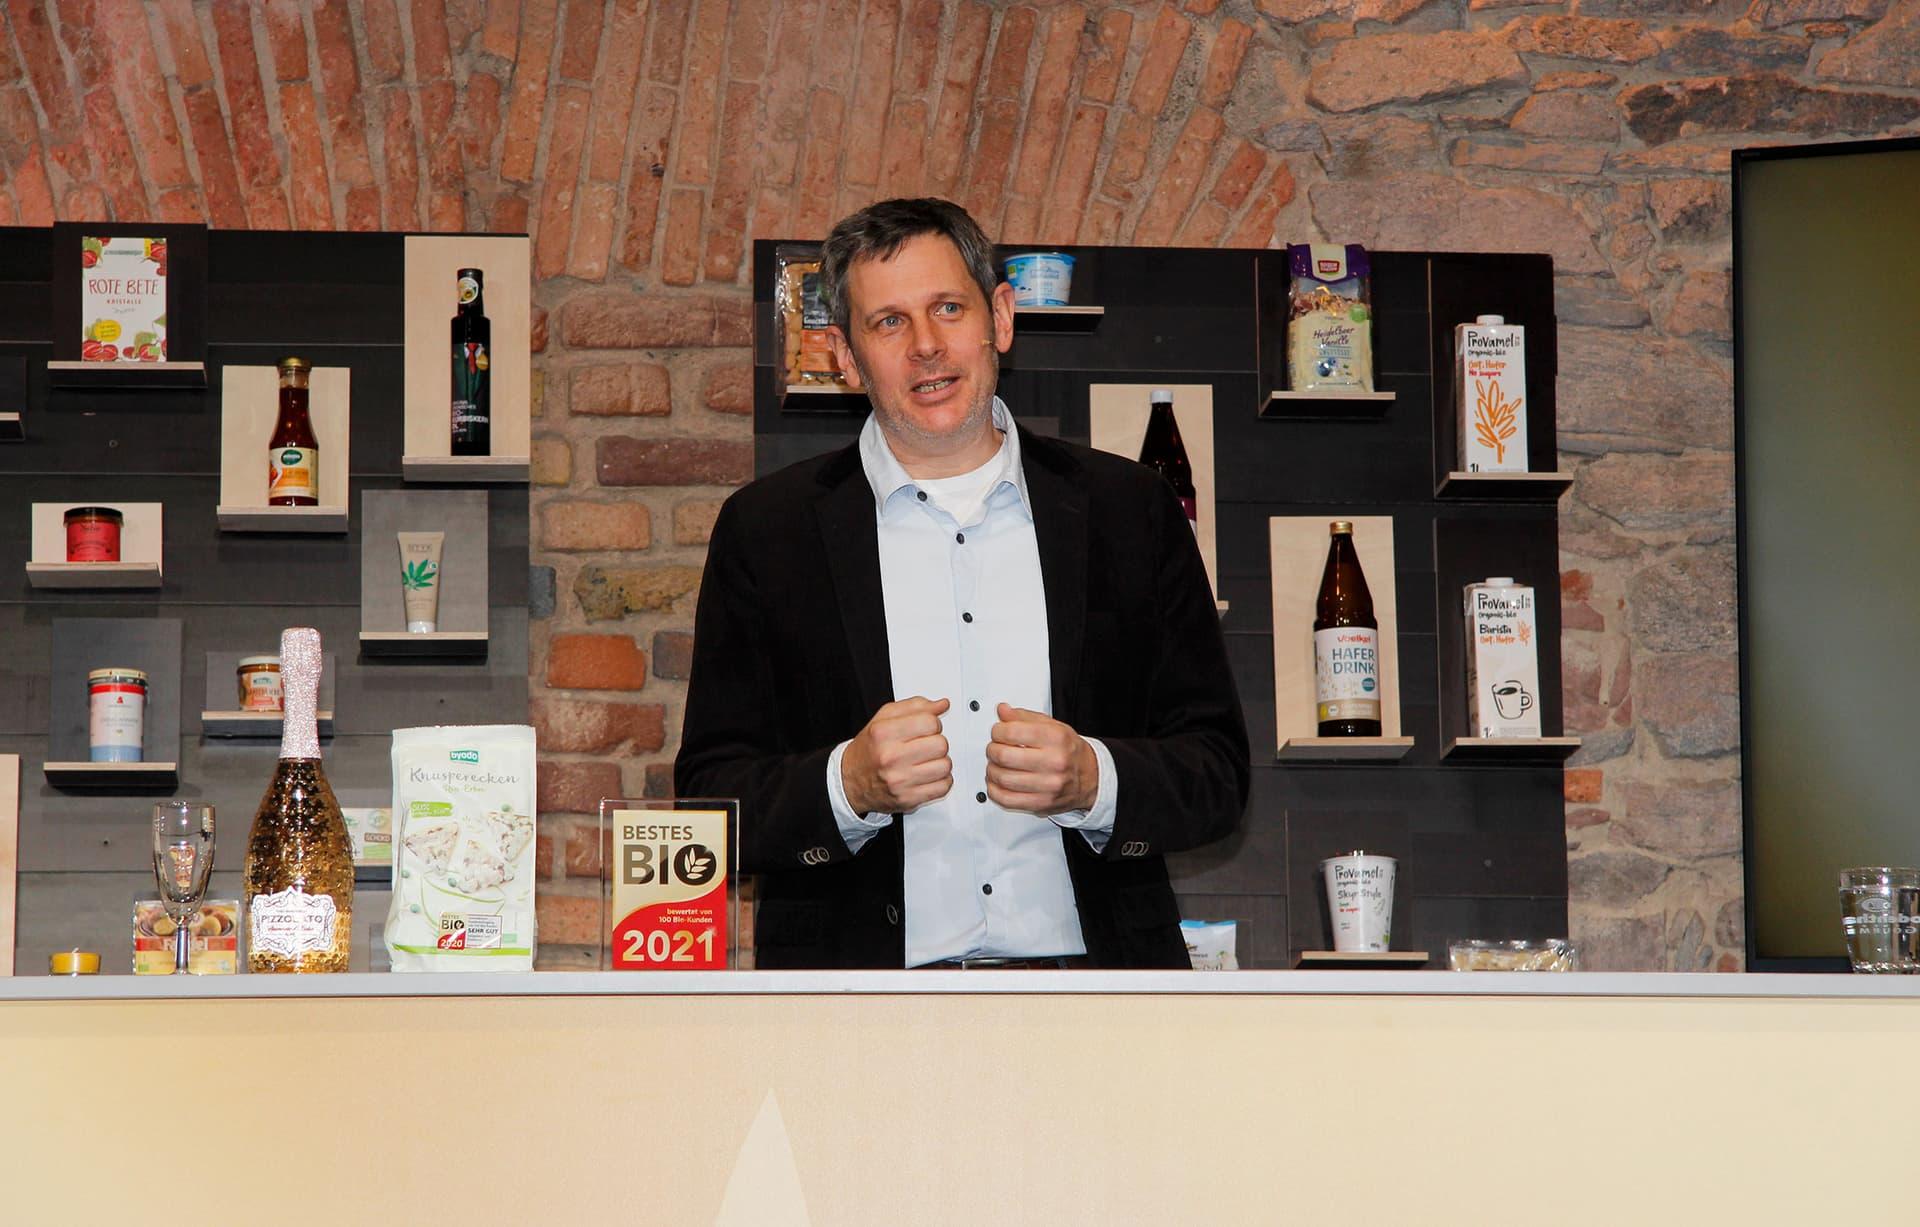 Verleihung Bestes Bio 2021 Bühne mit Moderator Helge Weichmann